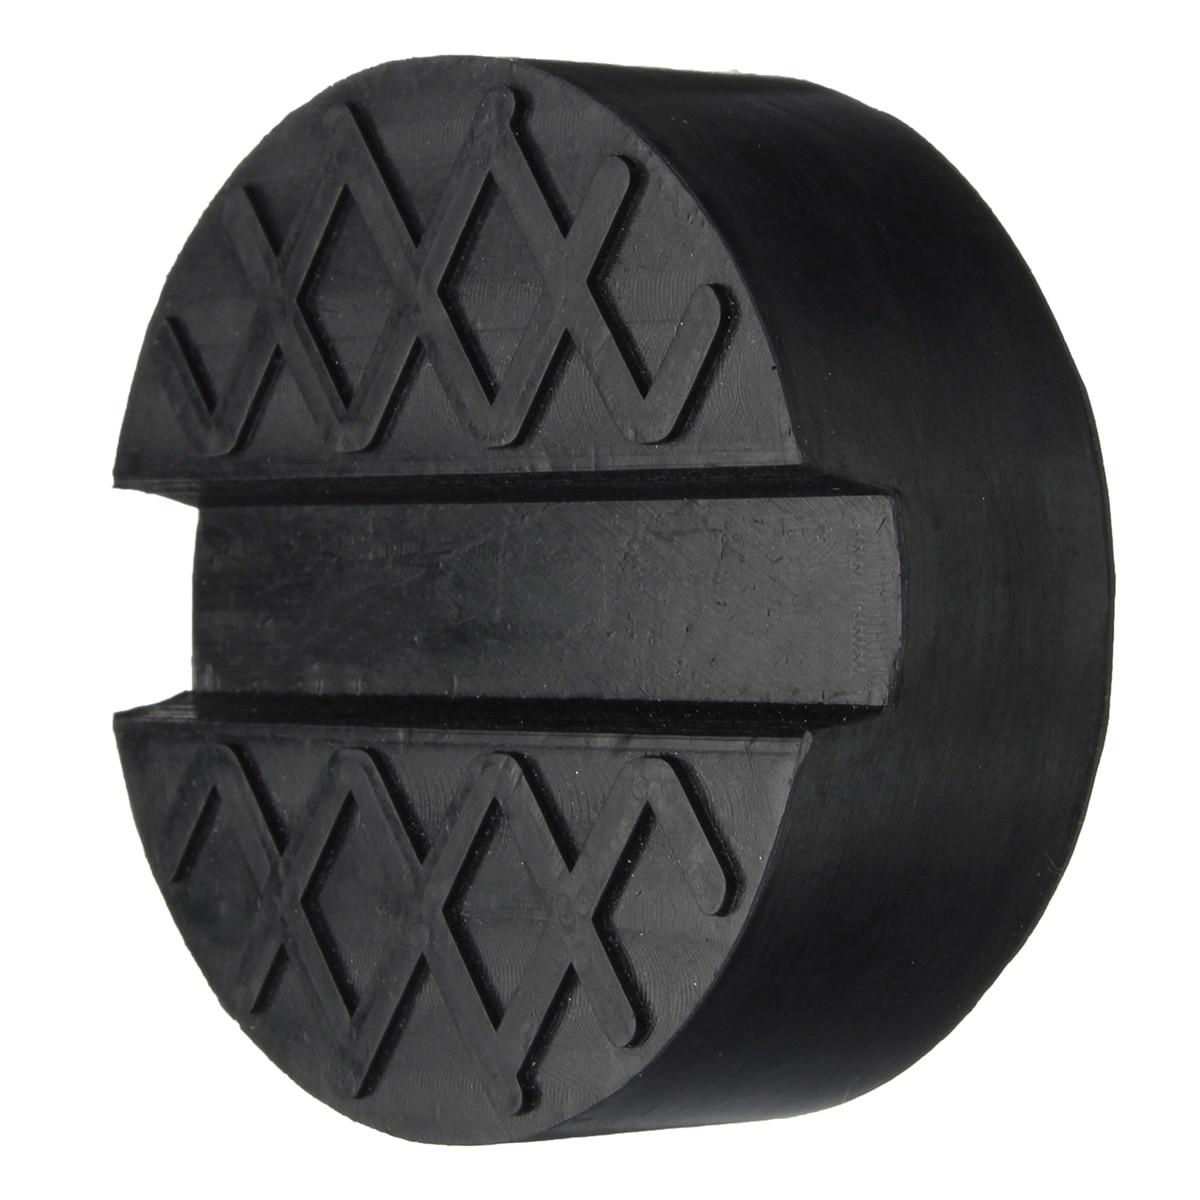 Противоскользящие щелевые Рамки Rail домкрат диск резиновая прокладка для Pinch сварки боковых jackpad